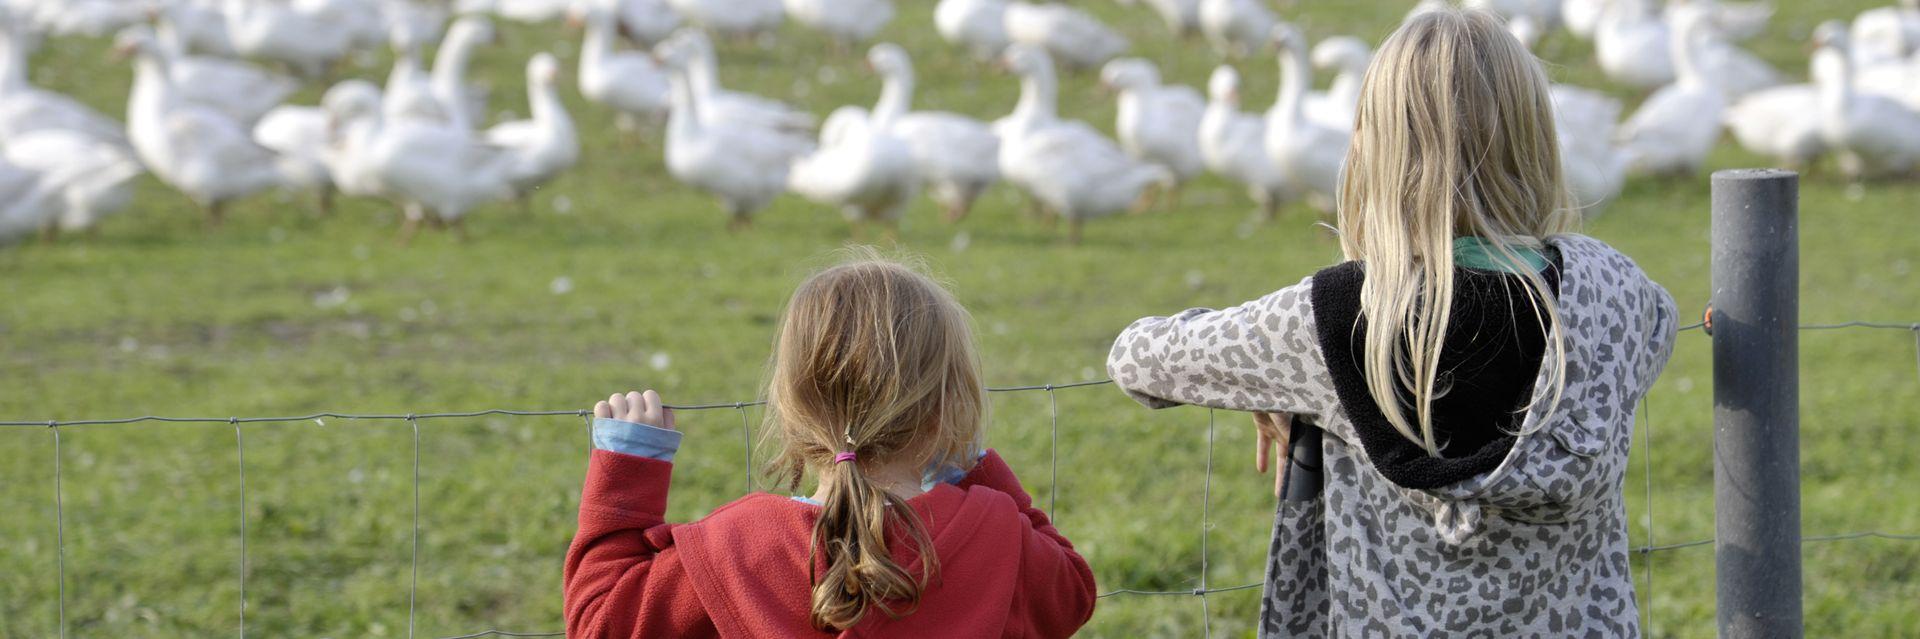 Hoffest in Holstein